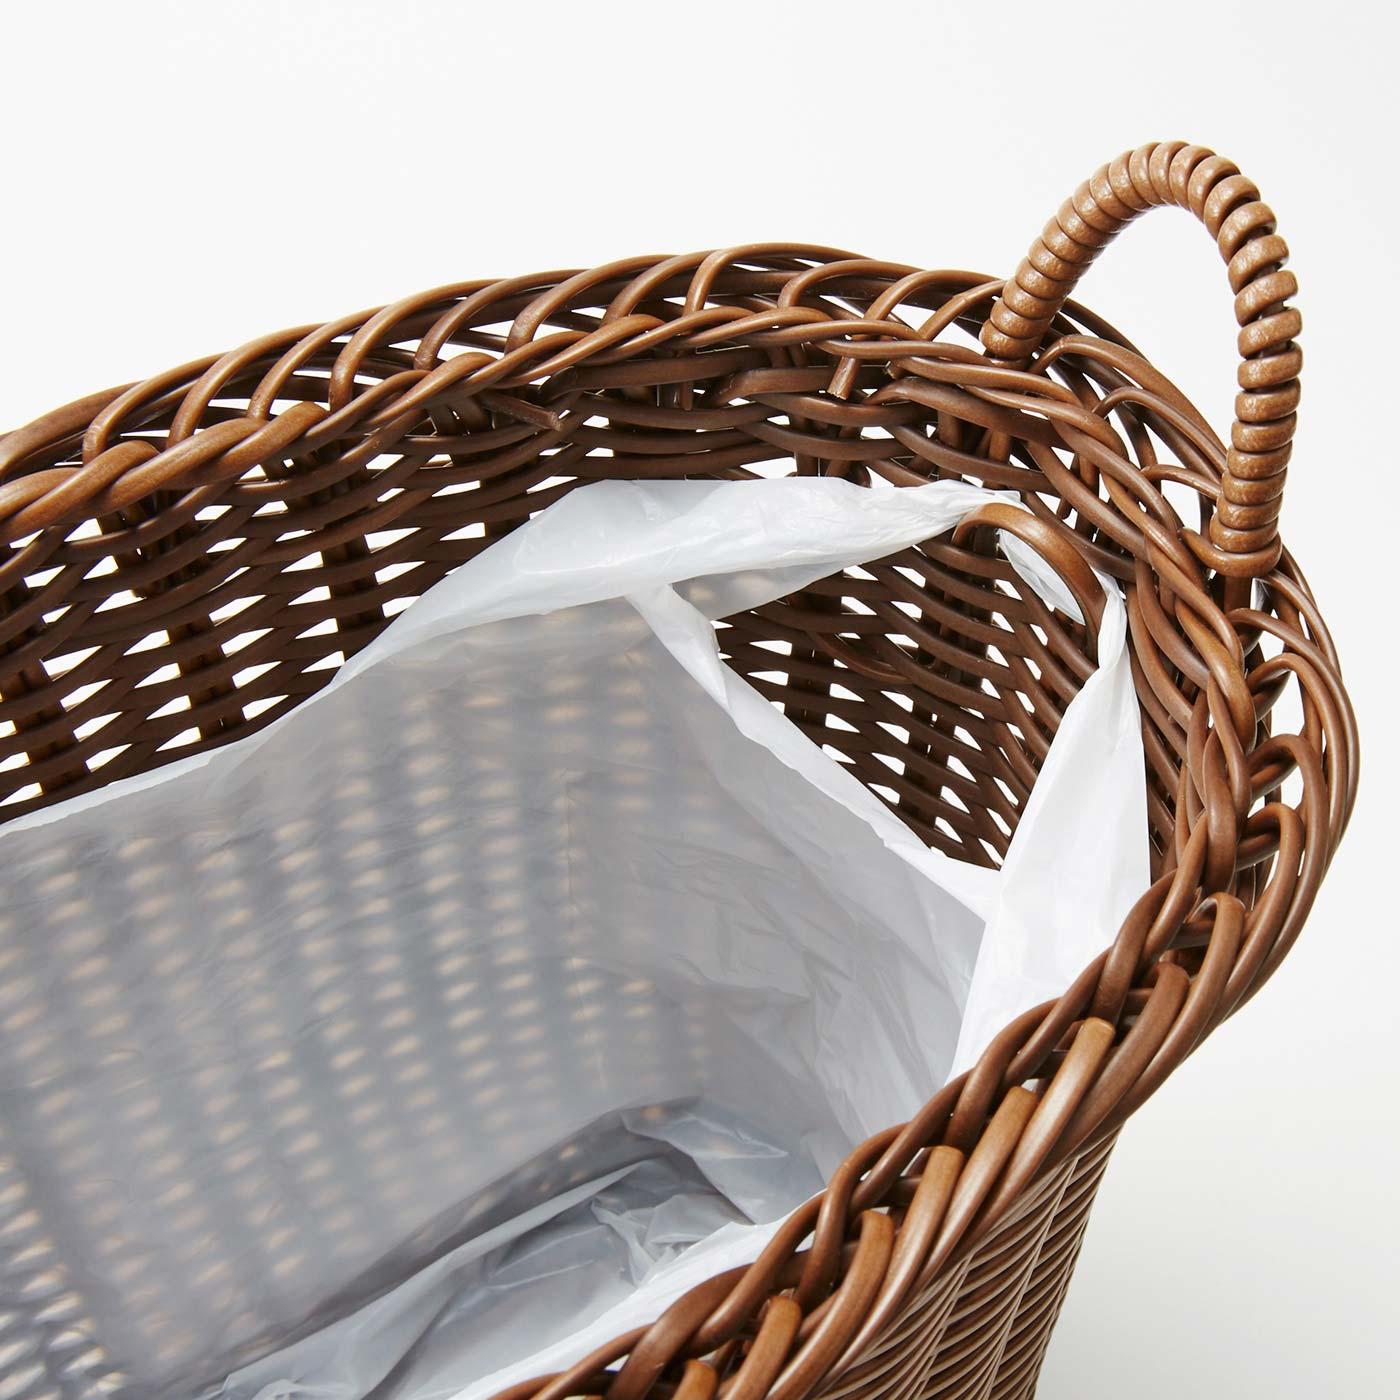 内側にはゴミ袋を引っ掛けられるフック付き。